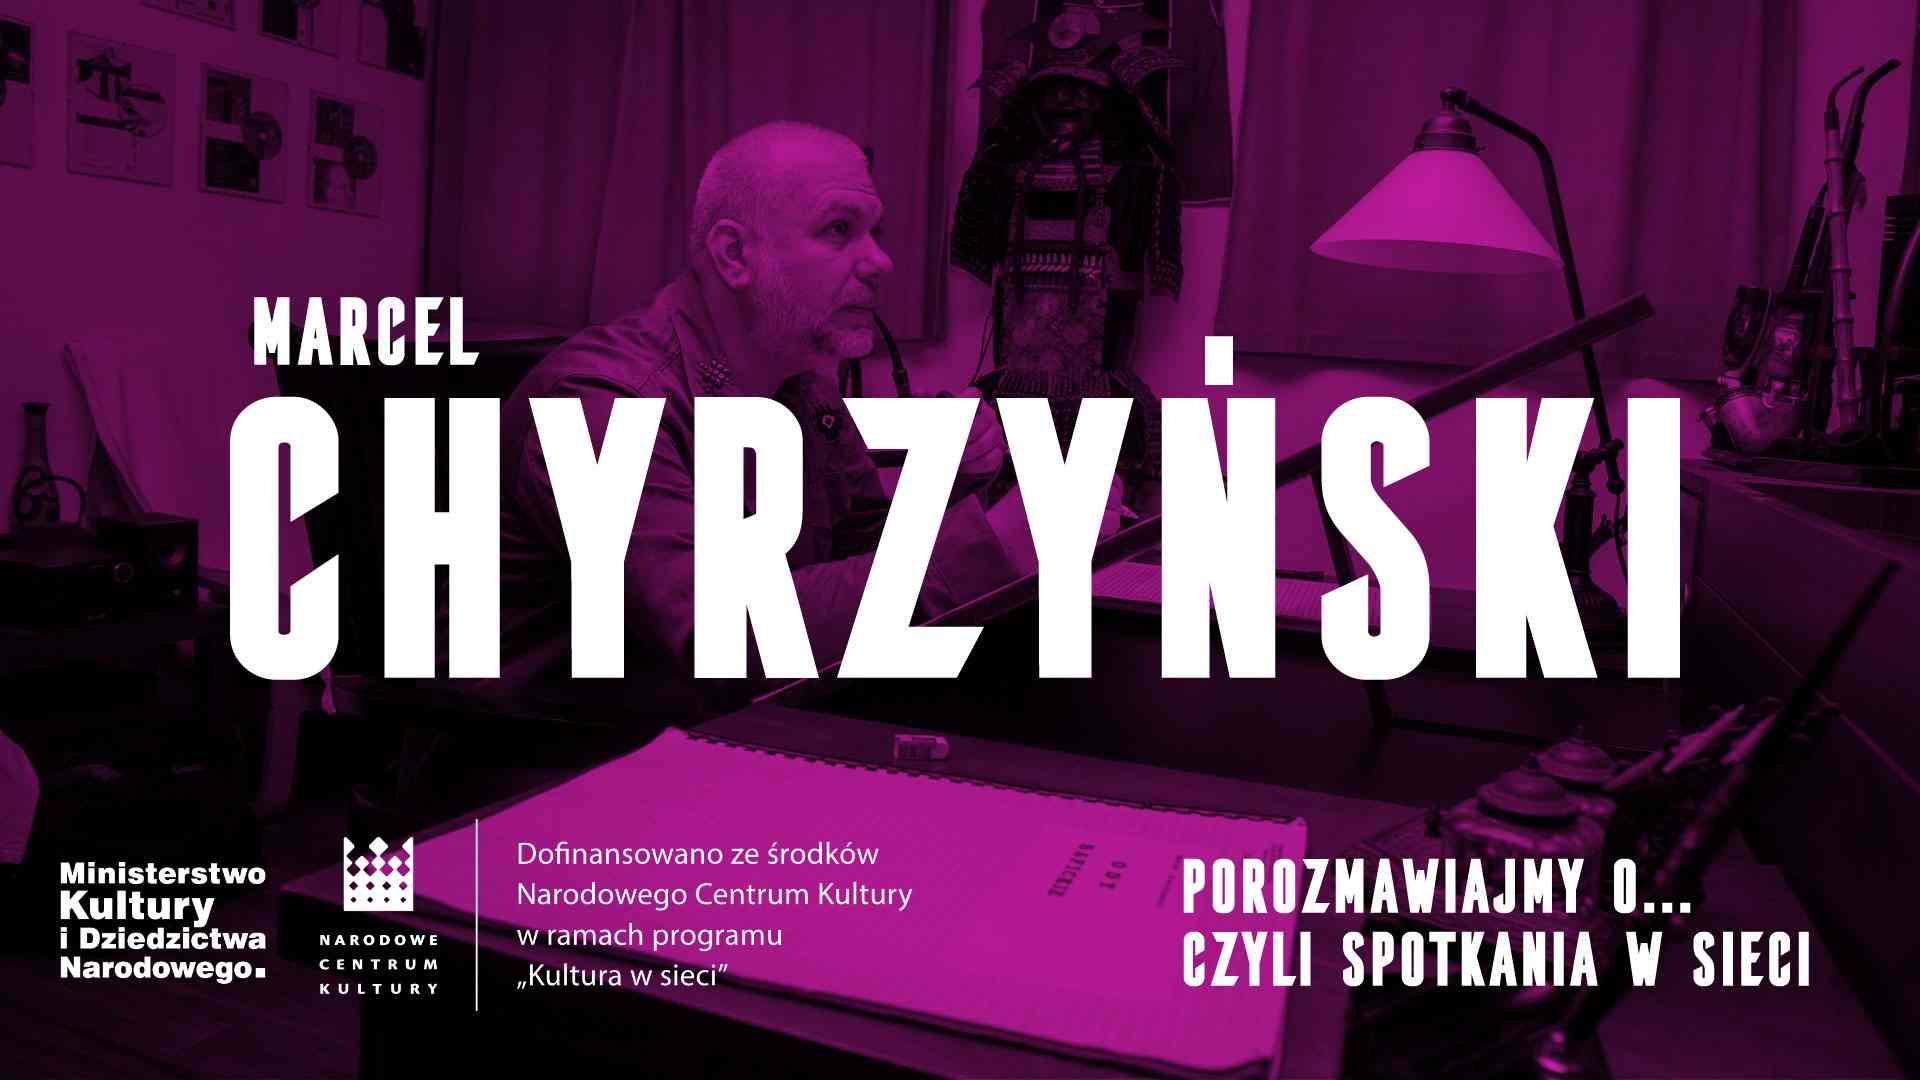 Porozmawiajmy o… czyli spotkania w sieci. Marcel Chyrzyński